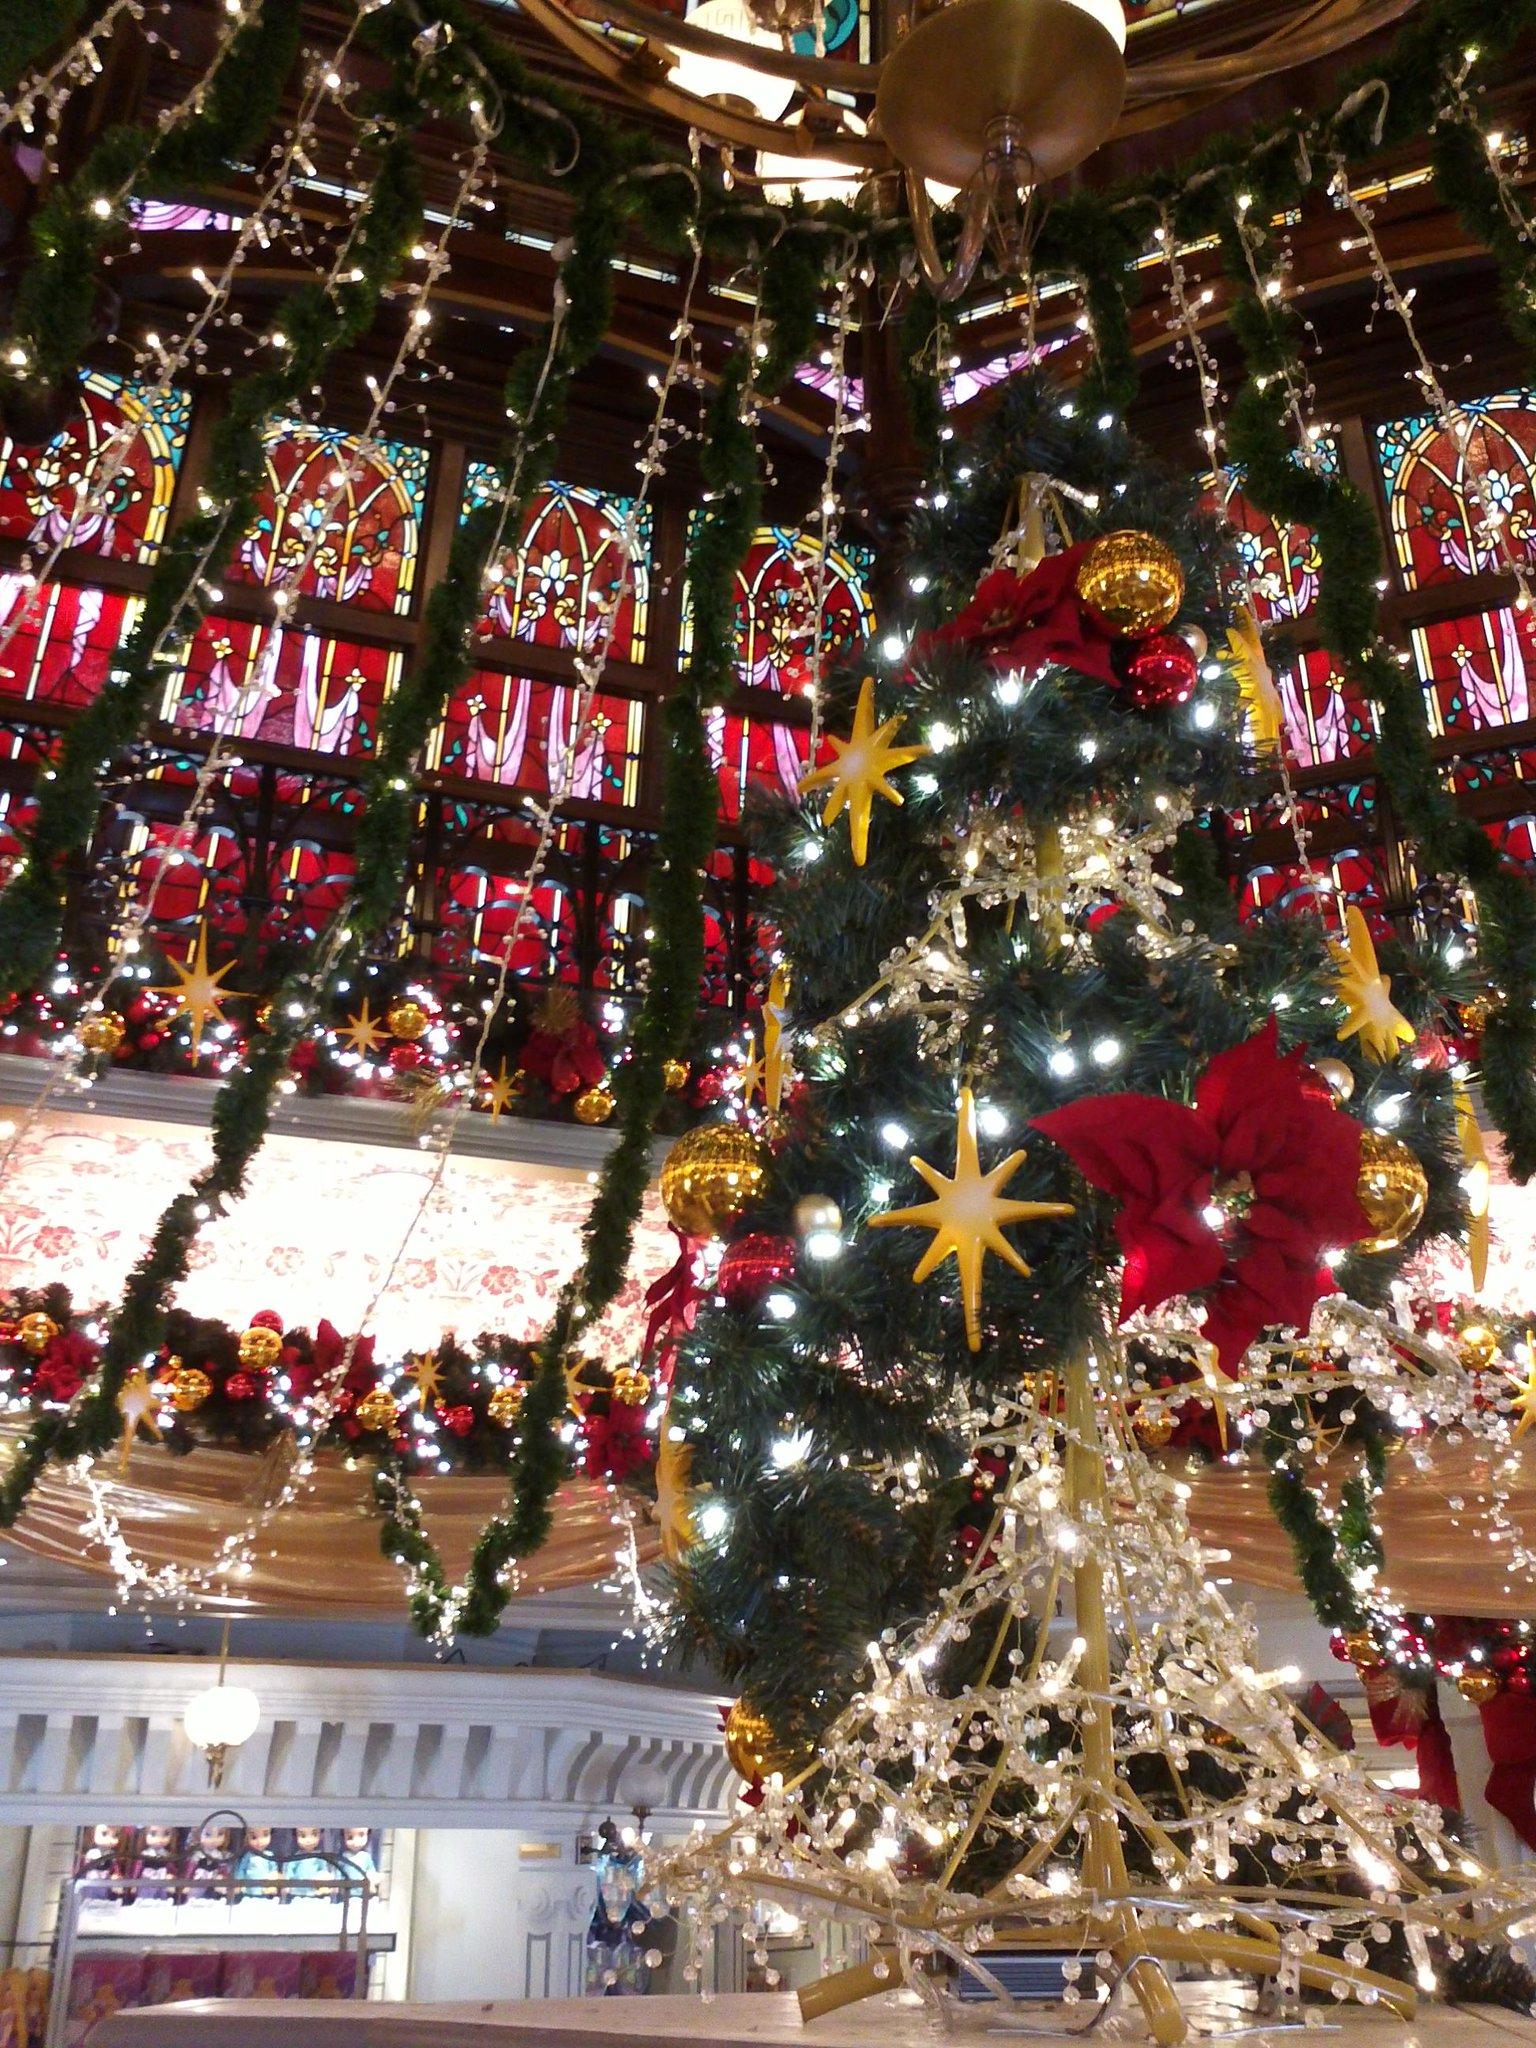 Le Noël Enchanté Disney (du 9 novembre 2012 au 6 janvier 2013) - Page 4 A3EX41jCUAACOAO